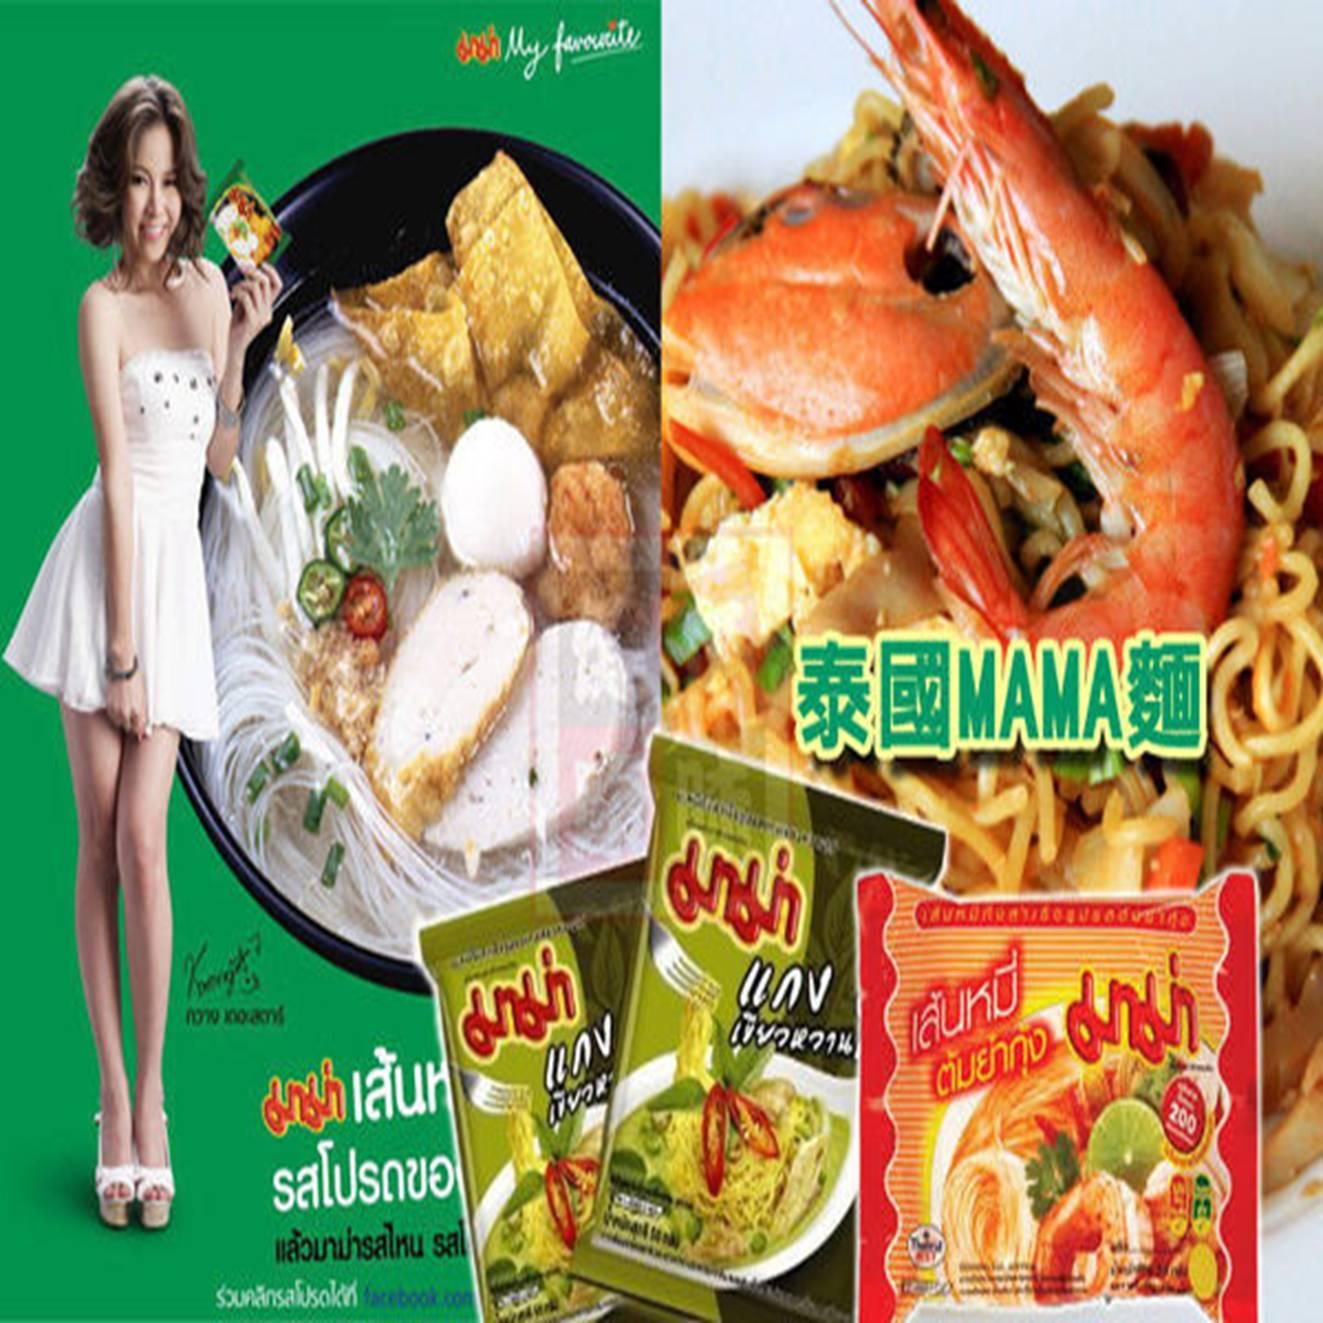 泰國 MAMA麵  媽媽麵 全球美味泡麵TOP10   特級酸辣/綠咖哩口味  樂活生活館